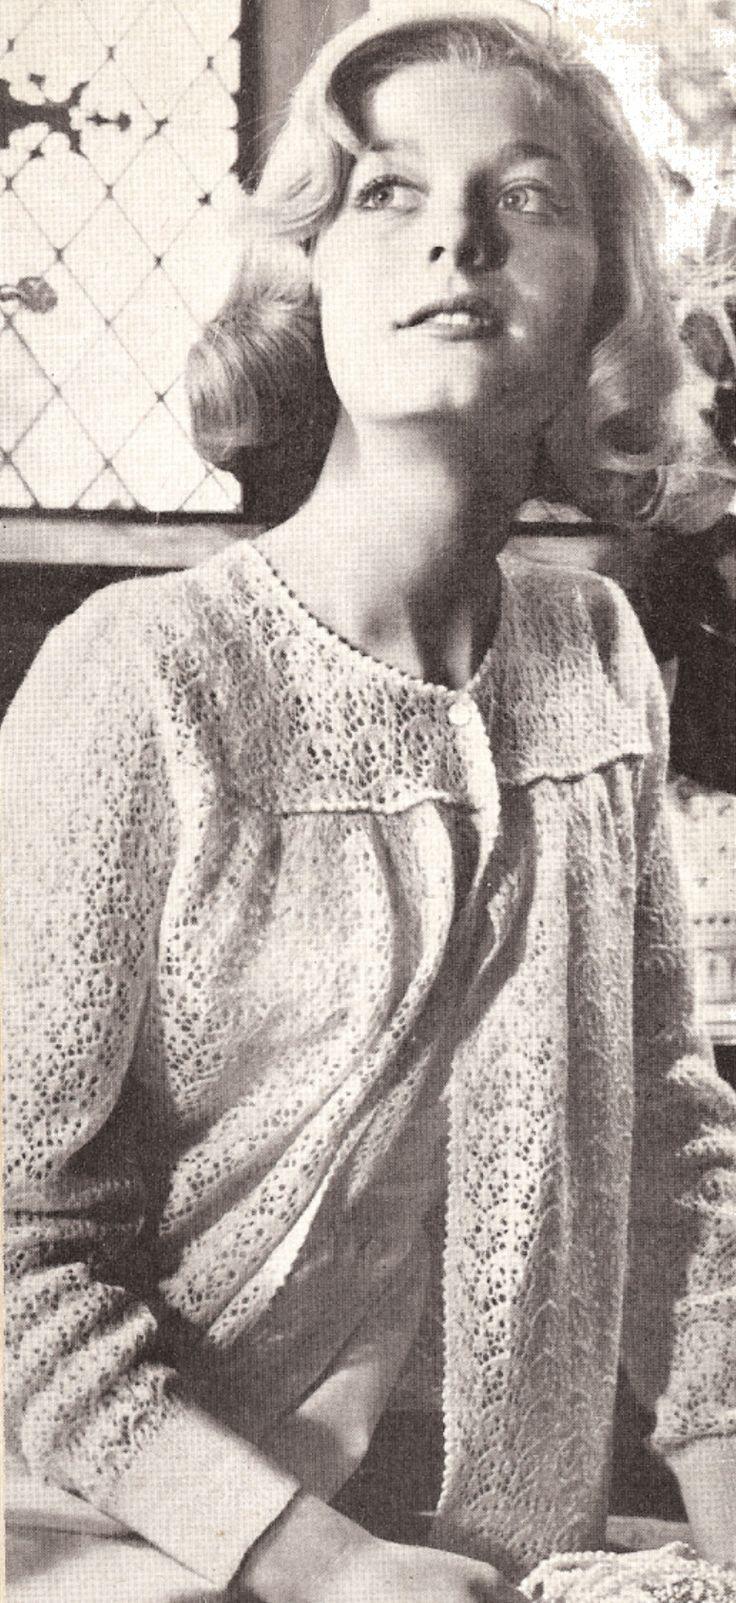 Vintage Bed Jacket Knitting Pattern : 27 best images about Vintage knitting patterns - bed jackets. on Pinterest